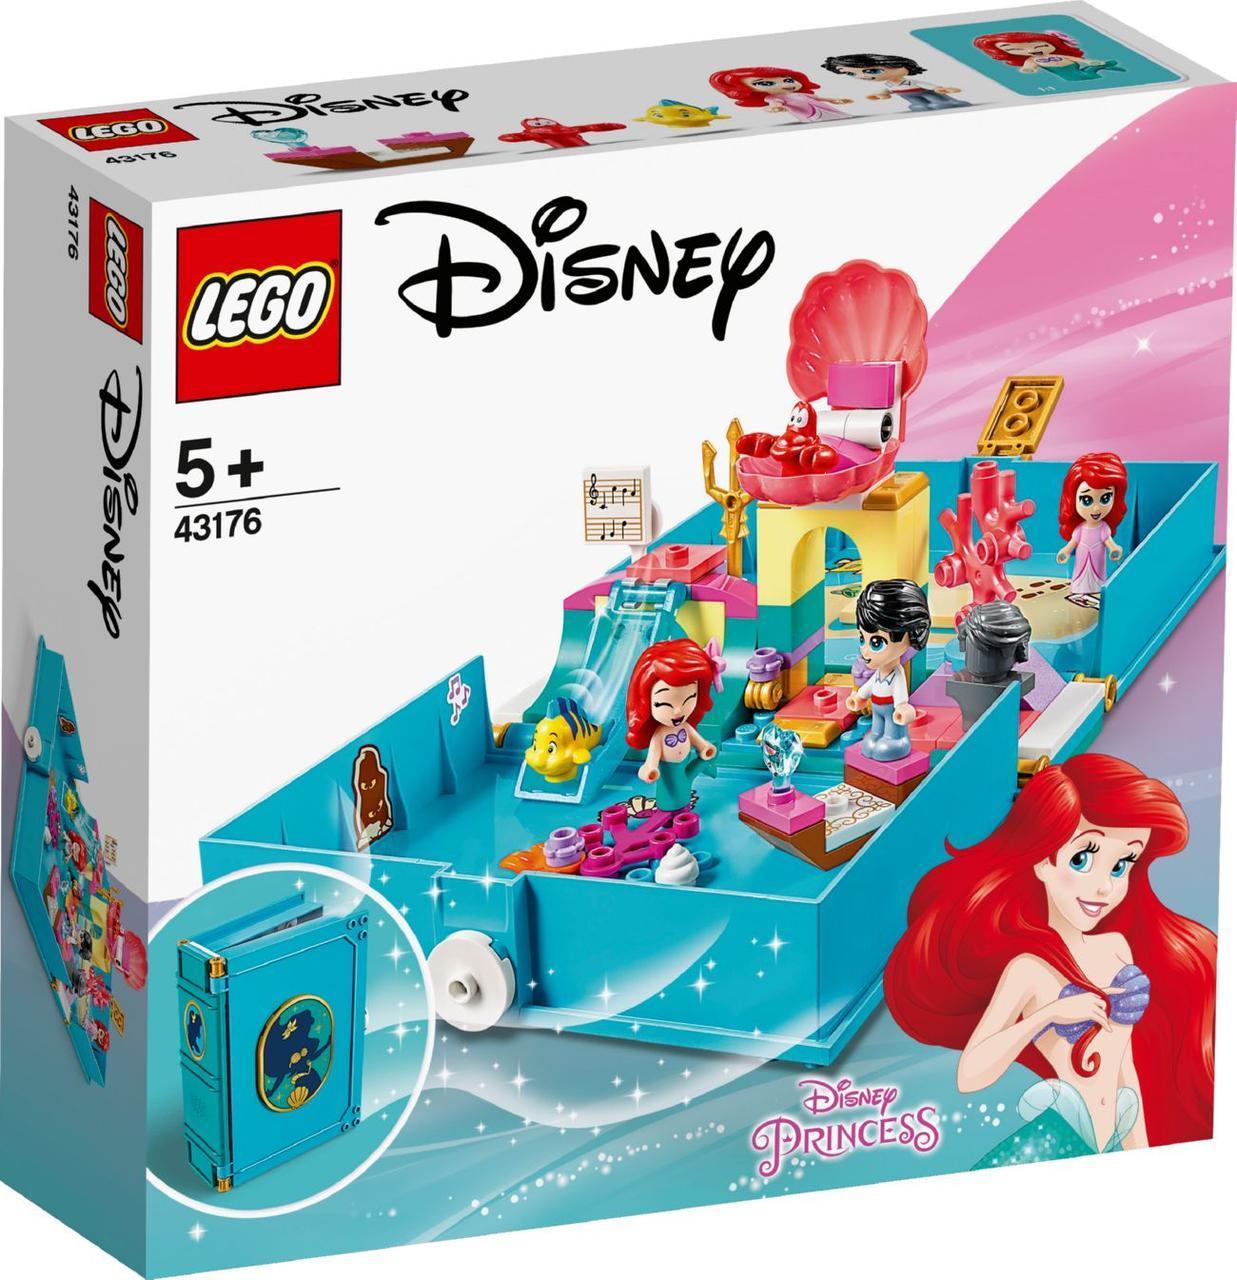 Lego Disney Princesses Книга сказочных приключений Ариэль 43176